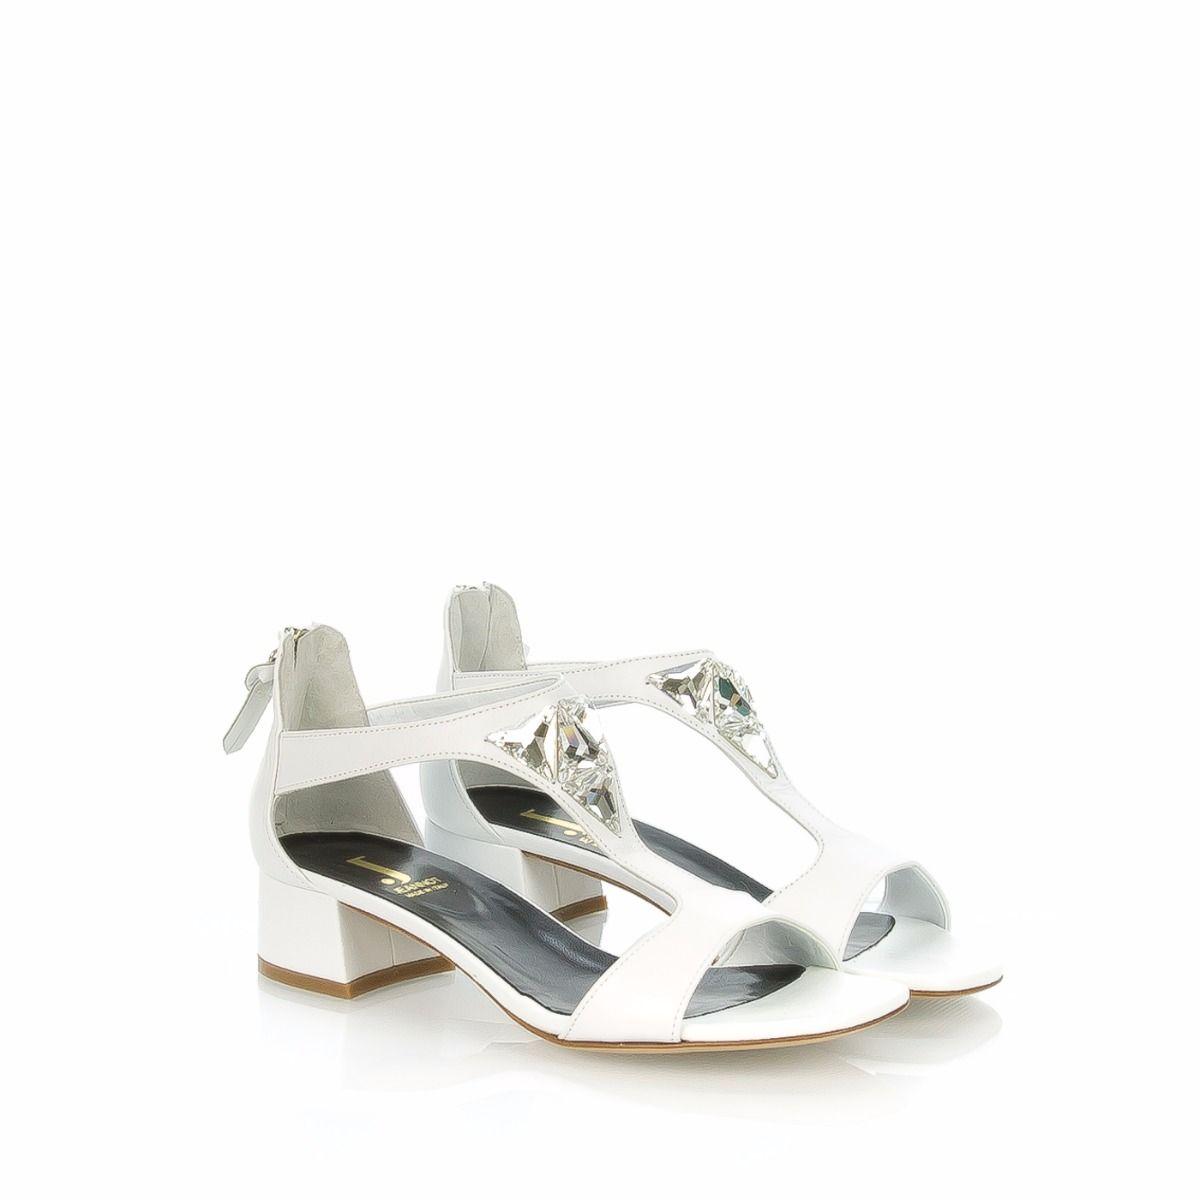 JEANNOT Sandalo donna beige bianco elegante con tacco medio